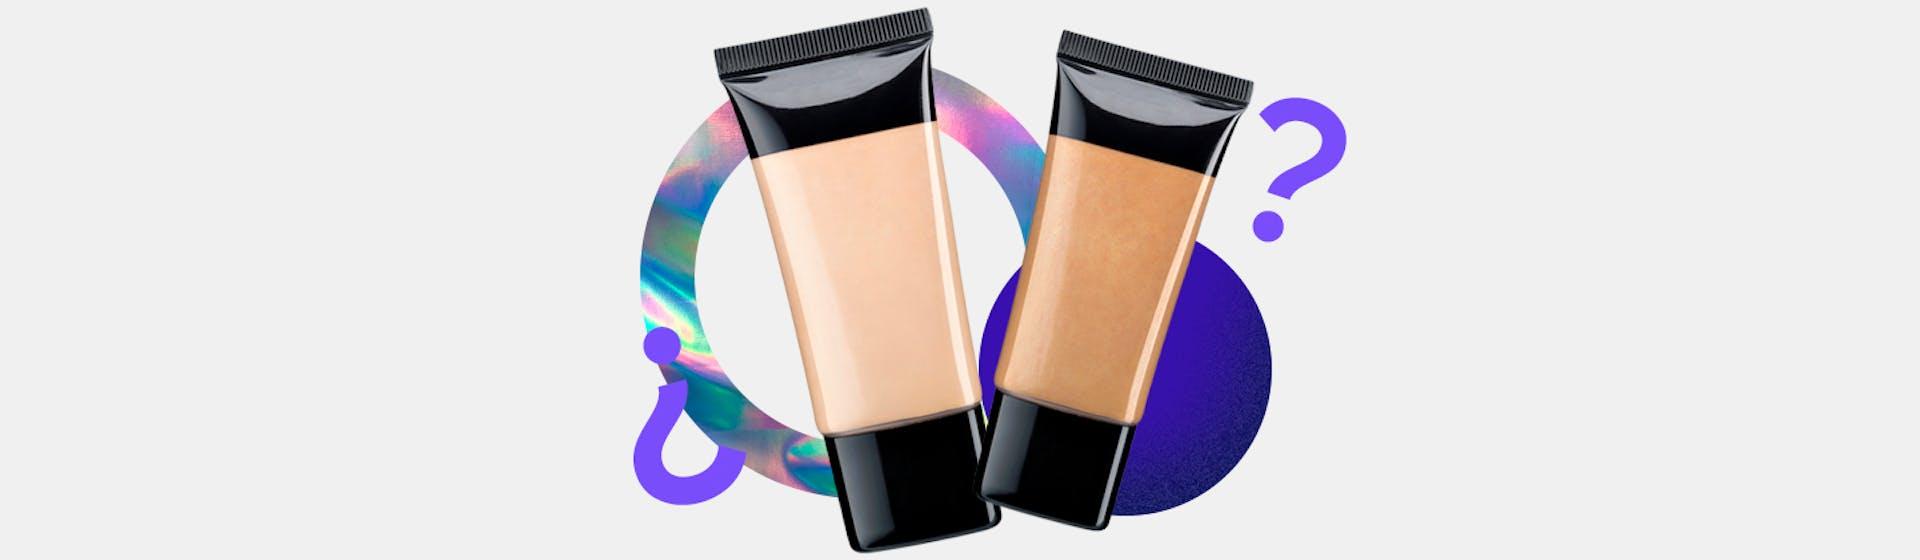 Base de maquillaje: la guía más completa para reconocer qué aplicarte en el rostro y lucir radiante